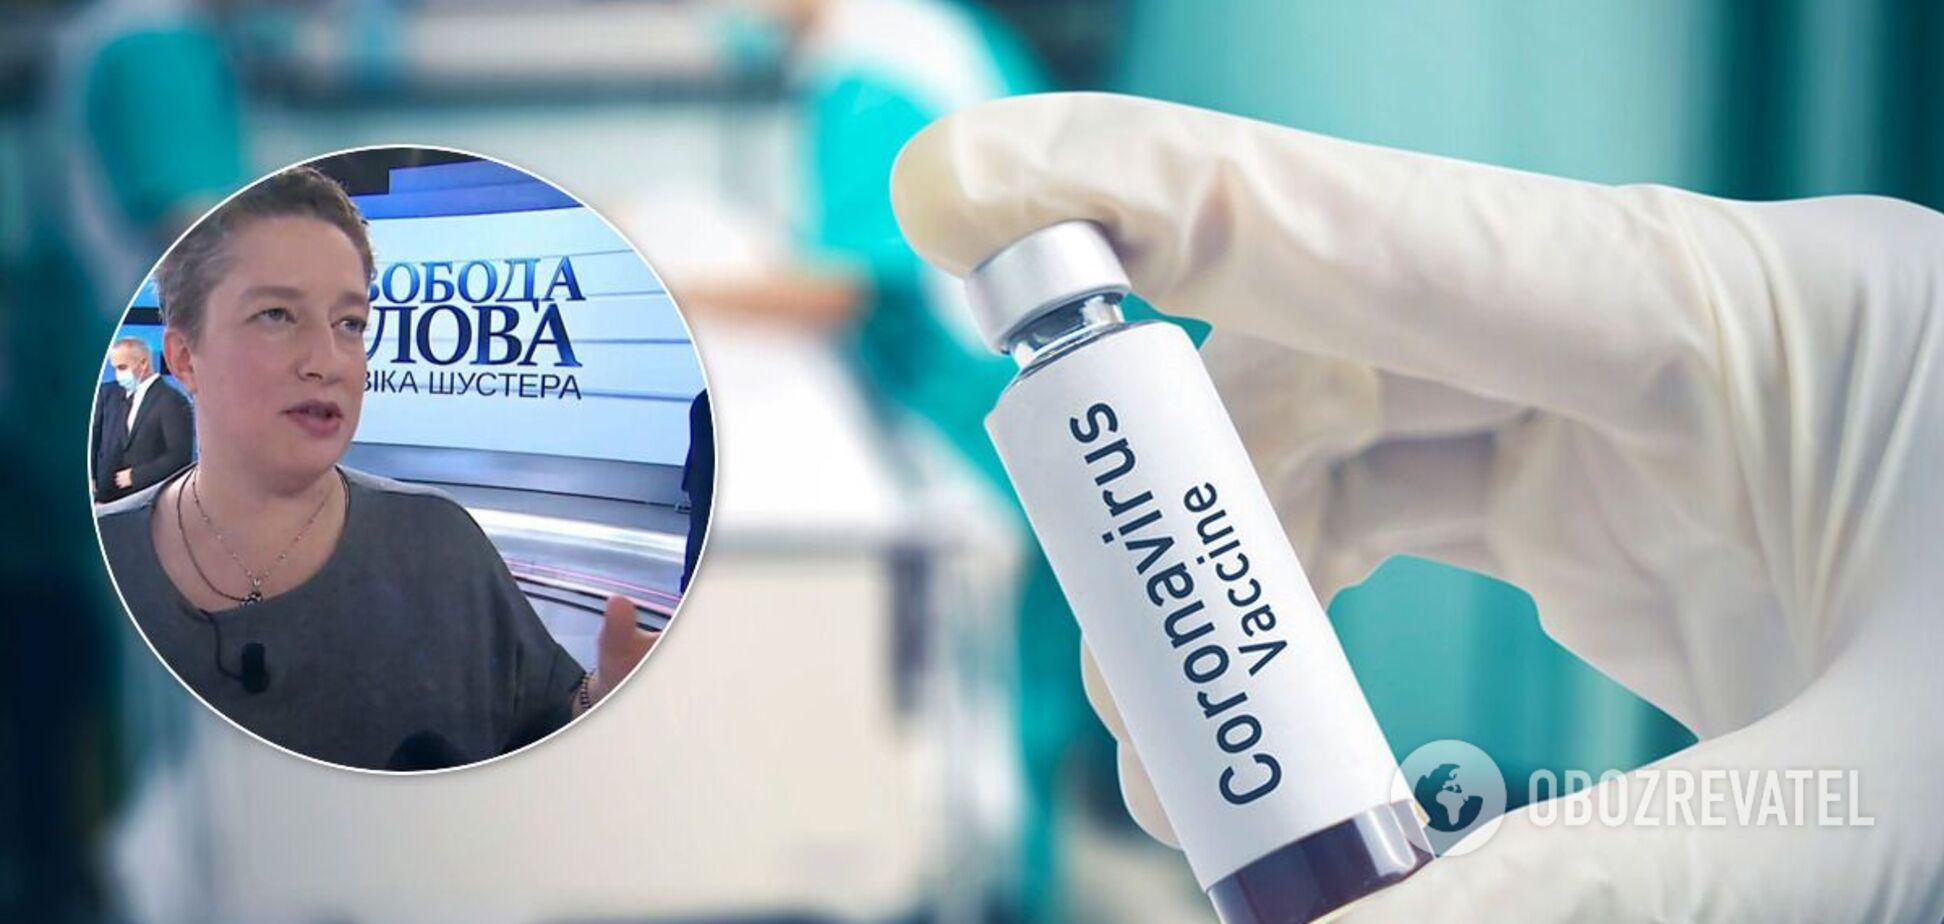 Чи можна заразитися COVID-19 від вакцини і чи варто робити її онкохворим: експертка ЮНІСЕФ розвінчала низку міфів